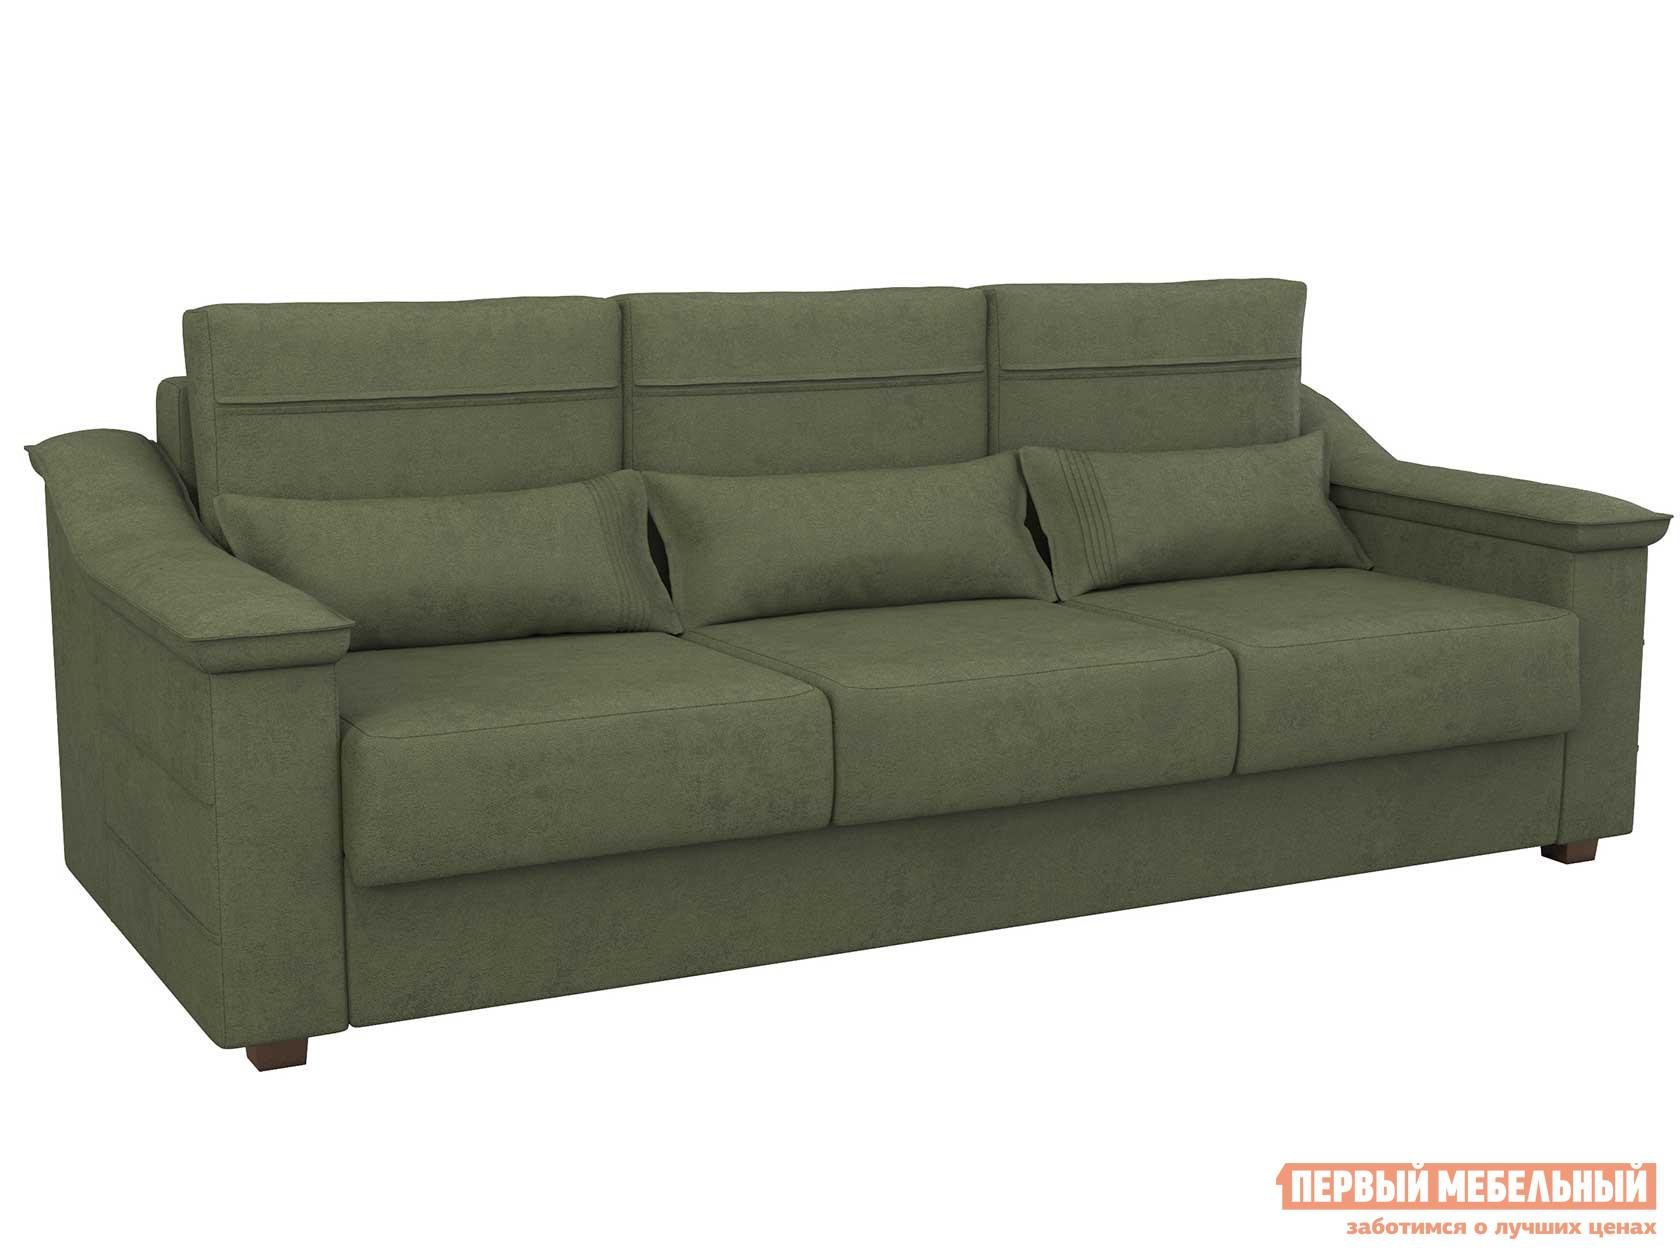 Прямой диван Первый Мебельный Диван Холидей Люкс прямой диван первый мебельный диван мюнхен люкс